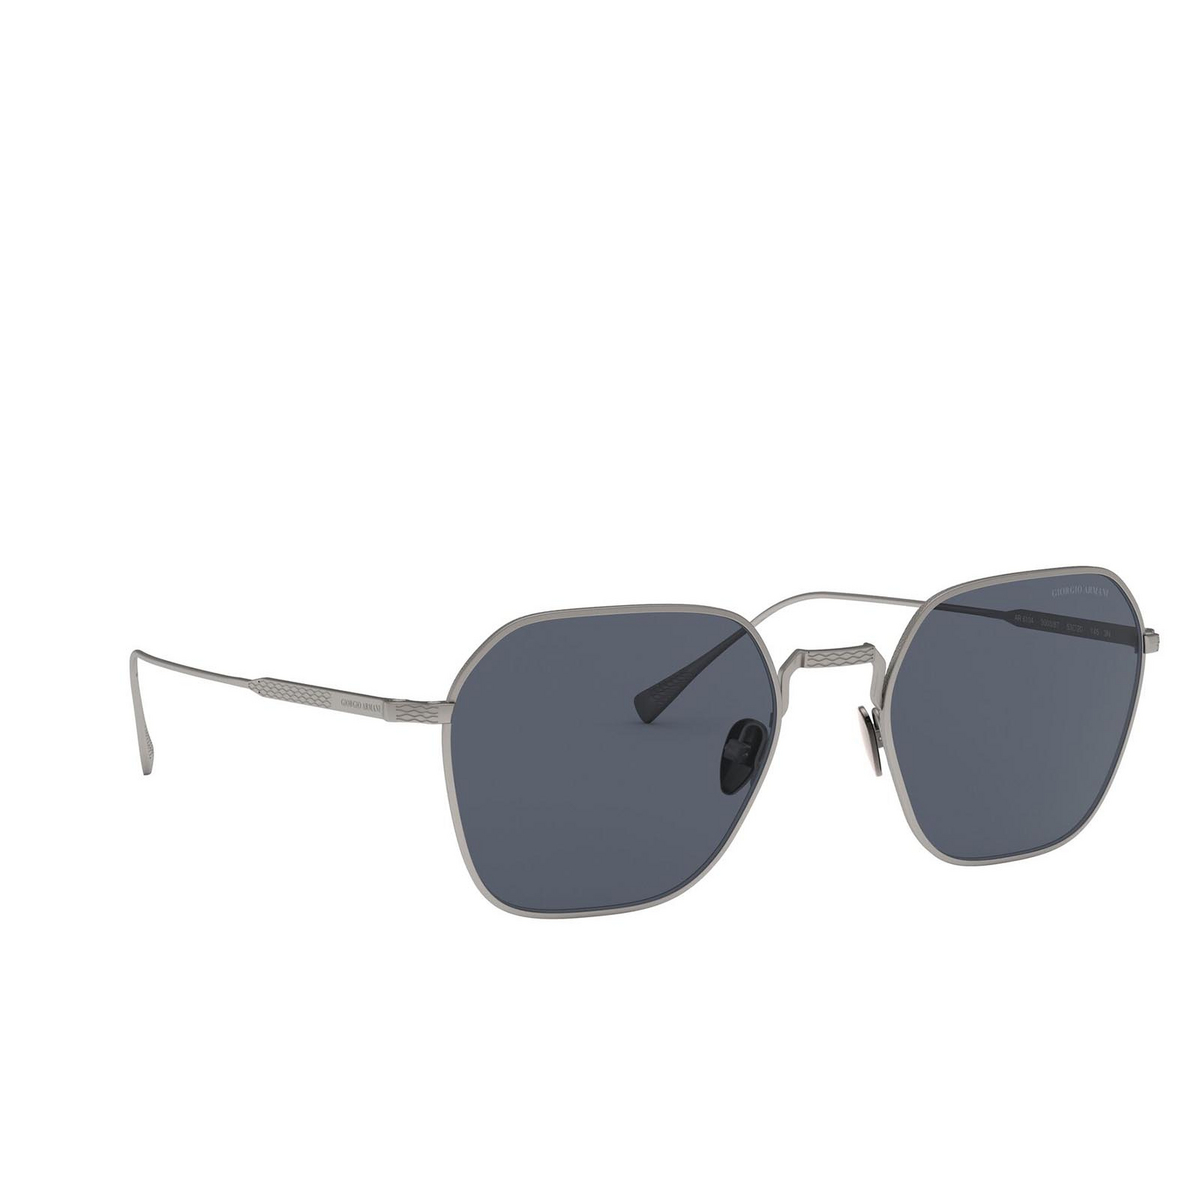 Giorgio Armani® Square Sunglasses: AR6104 color Matte Gunmetal 300387 - three-quarters view.